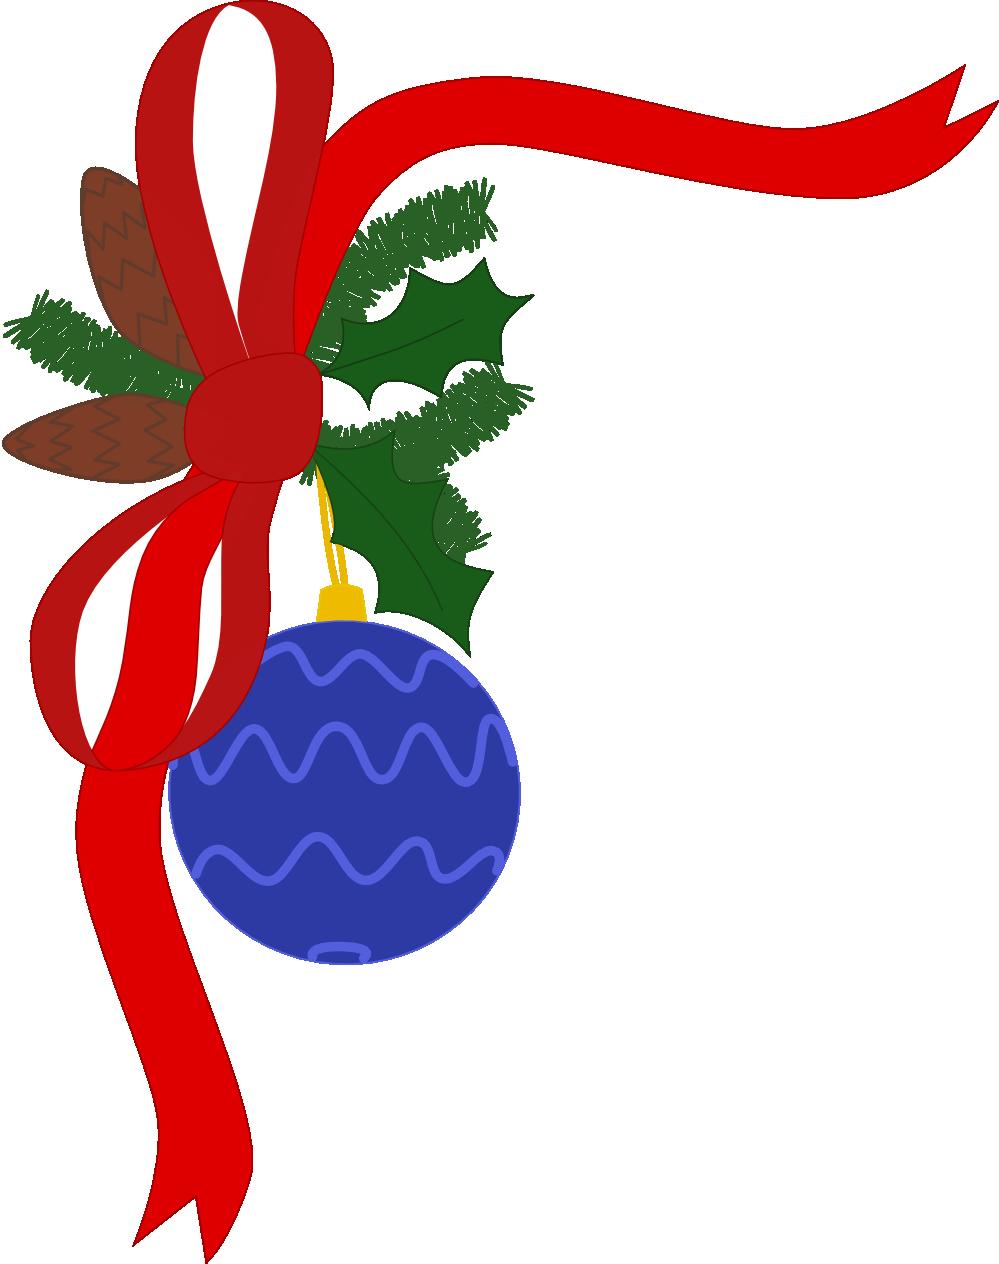 Holiday Clip Art Borders Free Free Clipa-Holiday clip art borders free free clipart images-8